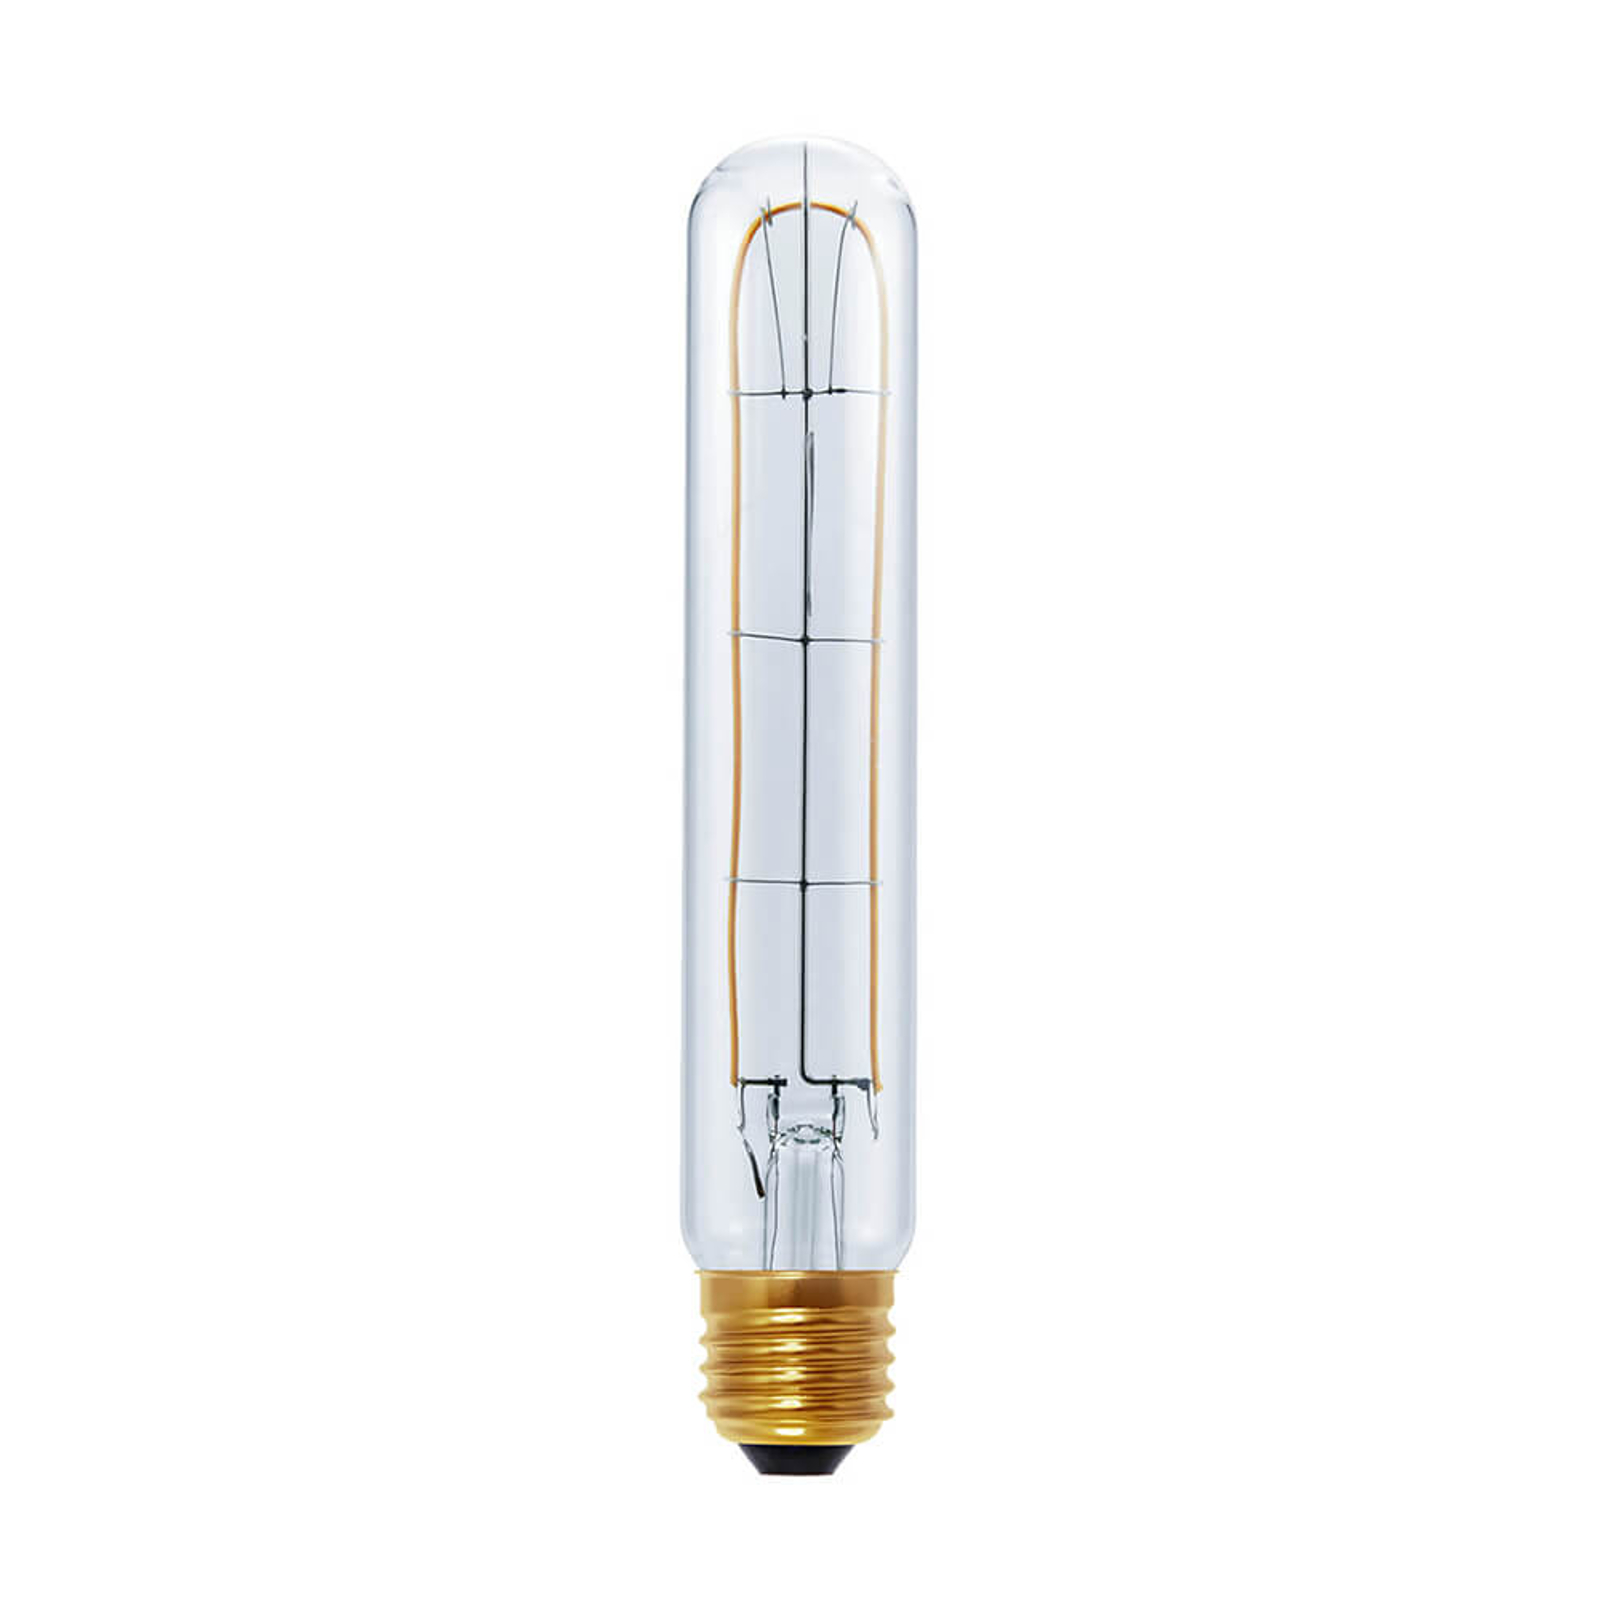 LED-Lampe Tube E27 8W warmweiß , 185 mm